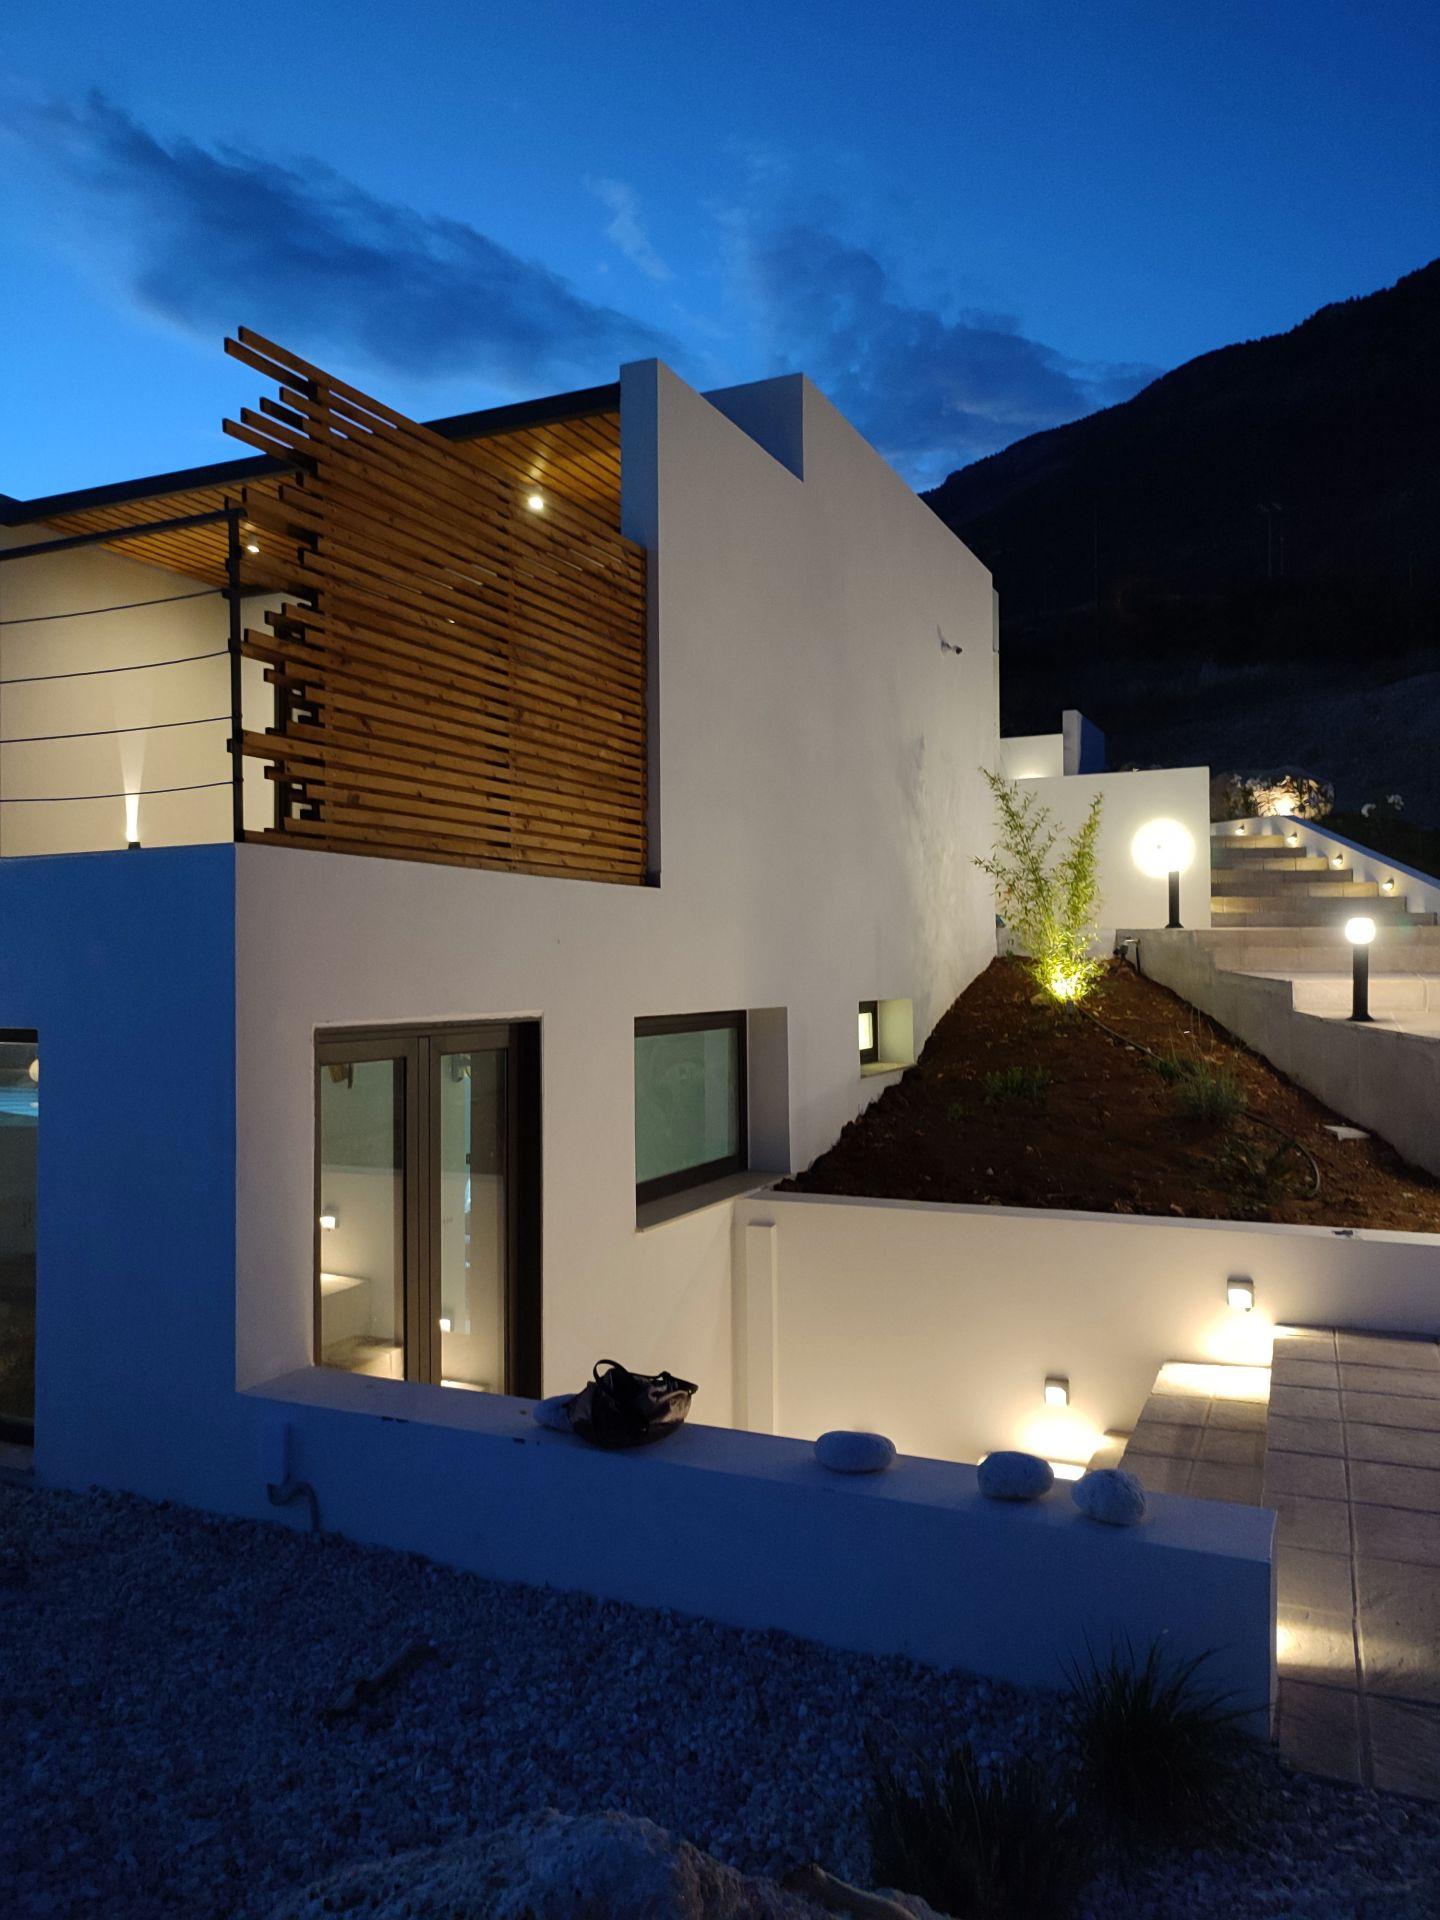 Escape Suites exterior at night